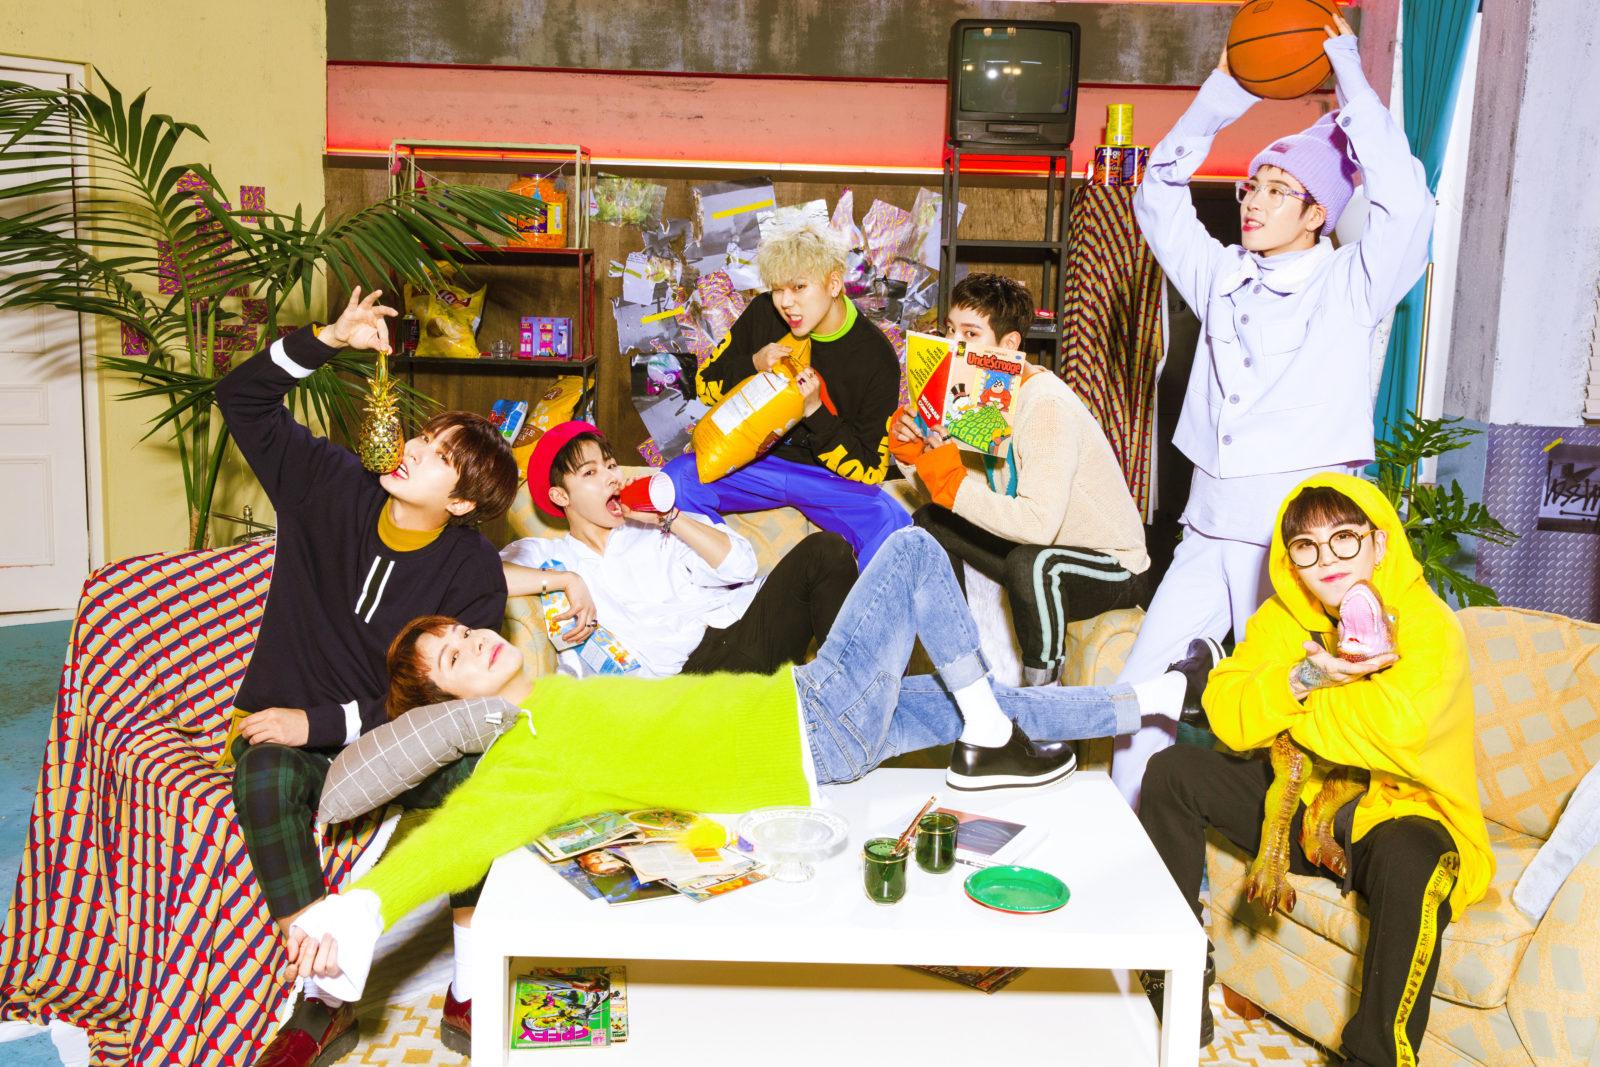 7人7色超個性派アーティスト Block B、New Mini Albumリリース&リリースイベント実施サムネイル画像